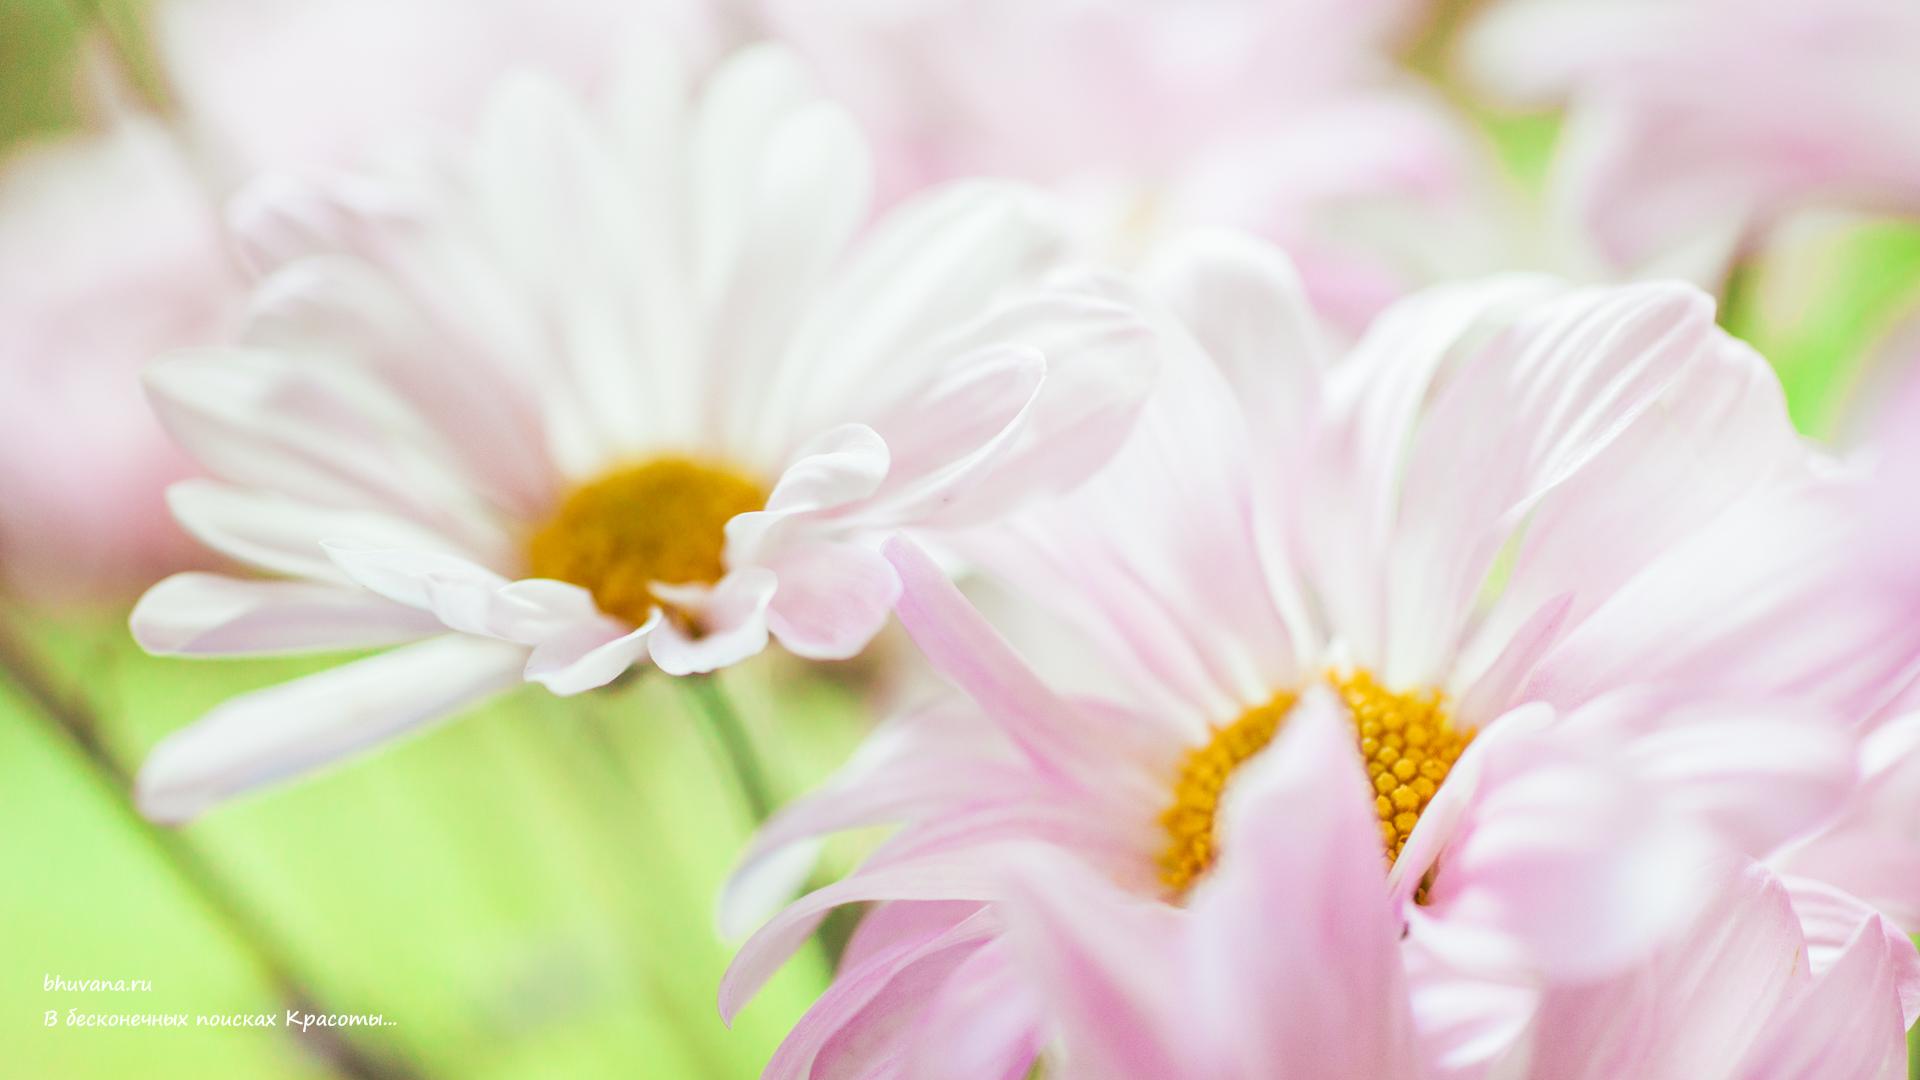 Обои на рабочий стол Цветы хризантемы   подборка (14)